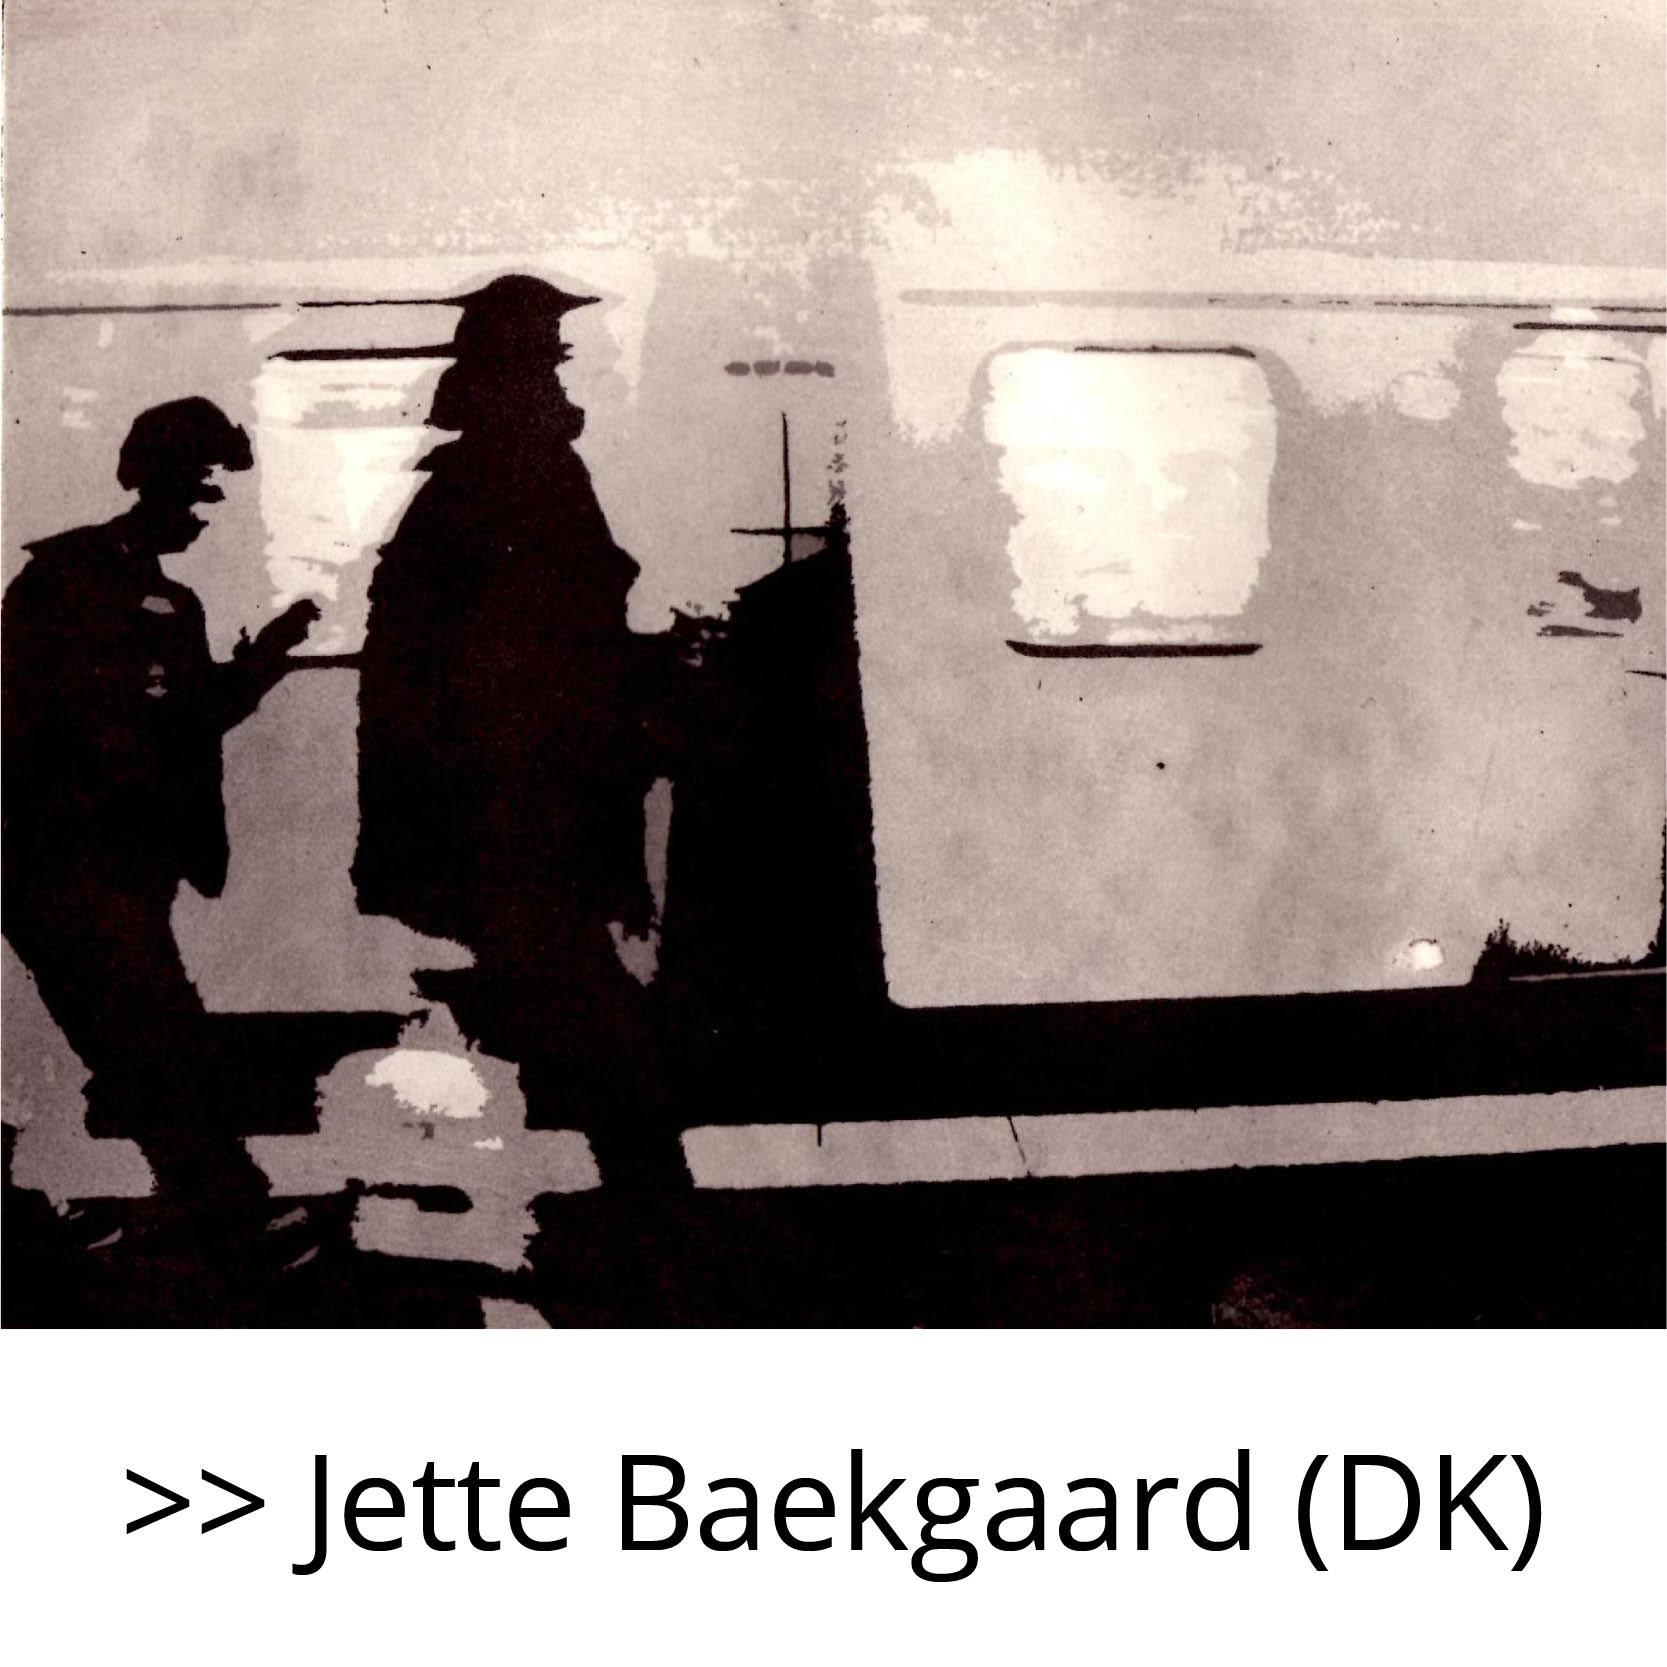 Jette_Baekgaard_(DK)